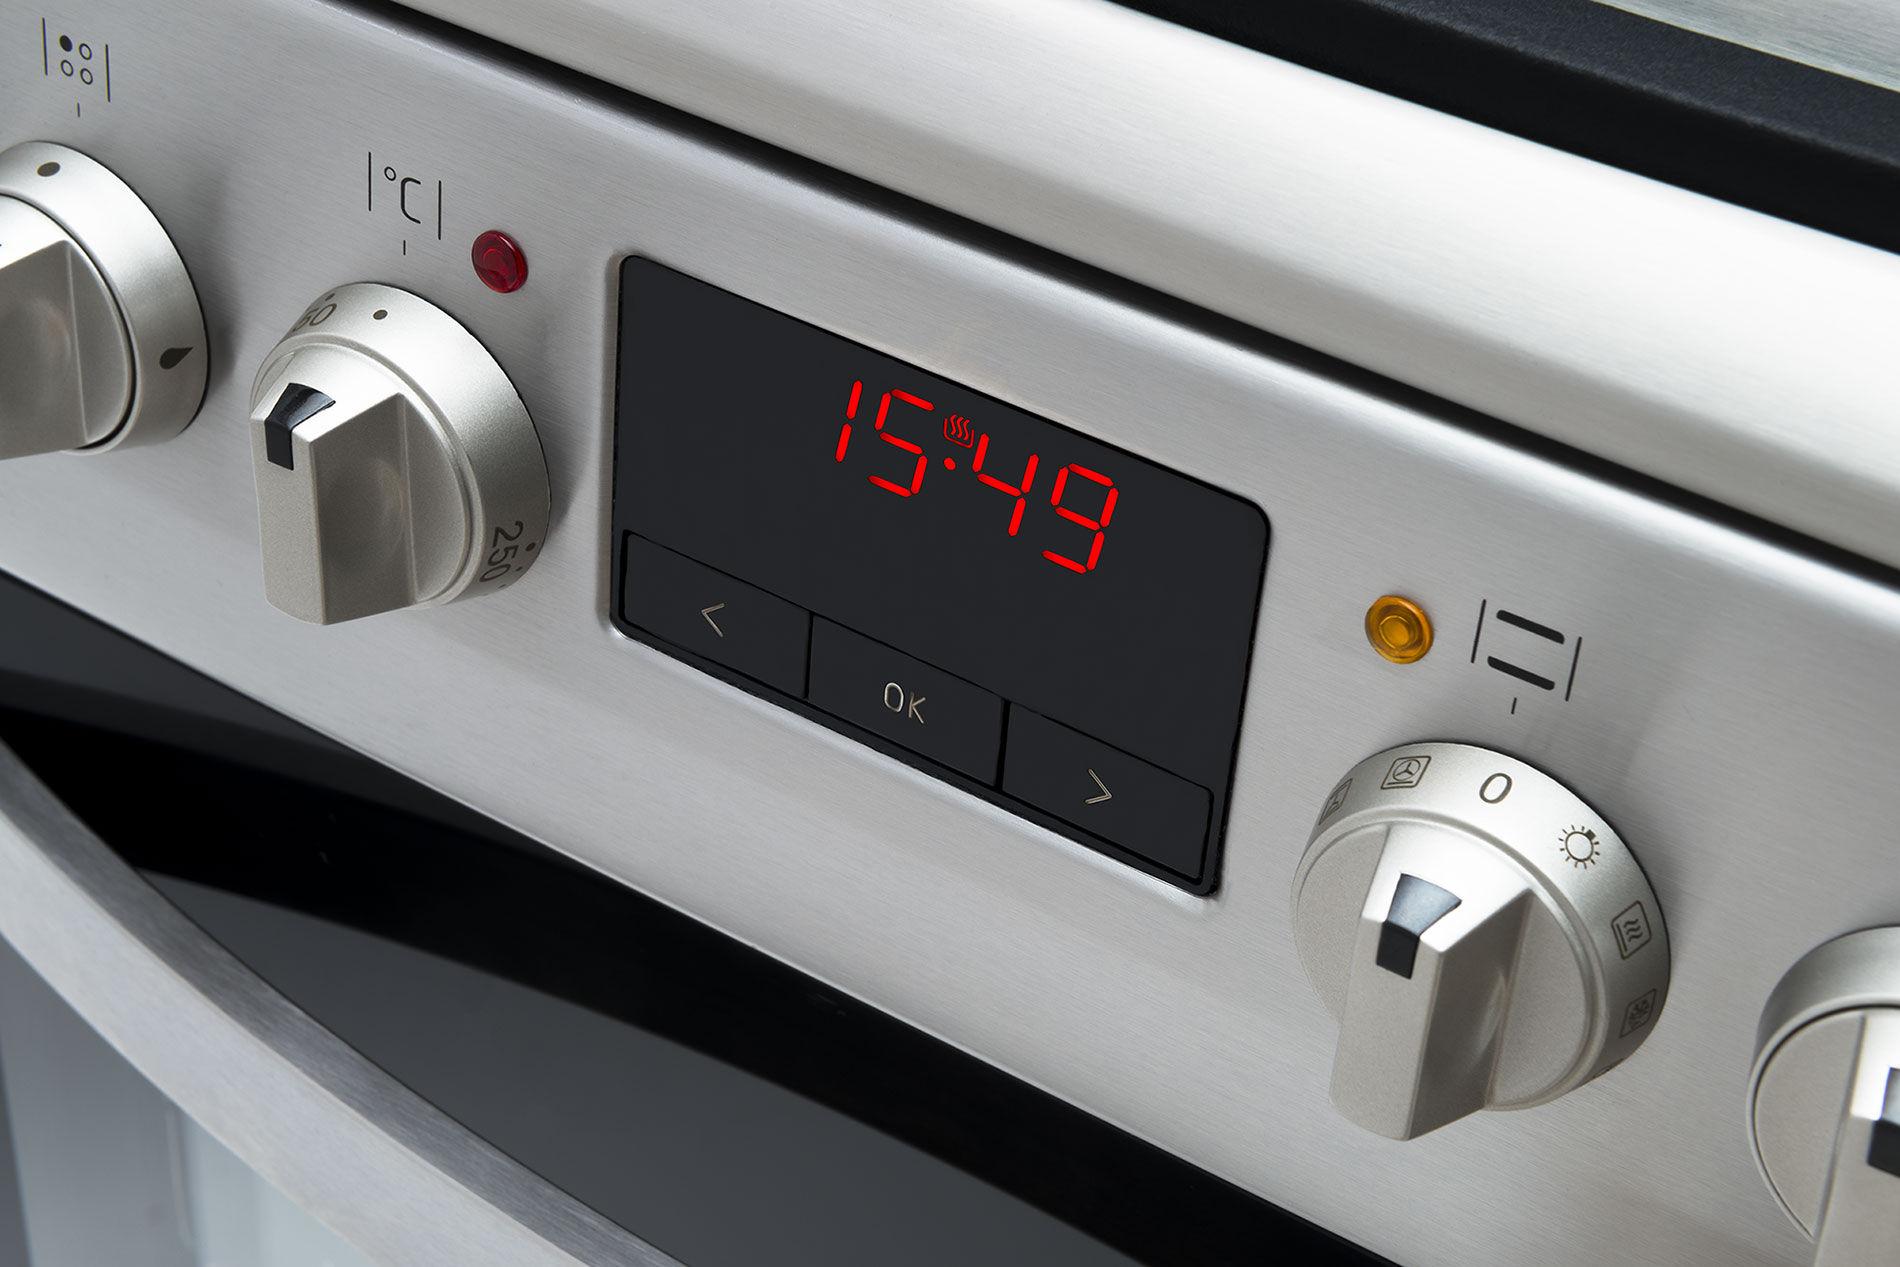 Kuchnia wolnostojąca gazowo elektryczna 500 520GE3 33ZpTaDpAQ(Xx)  Amica